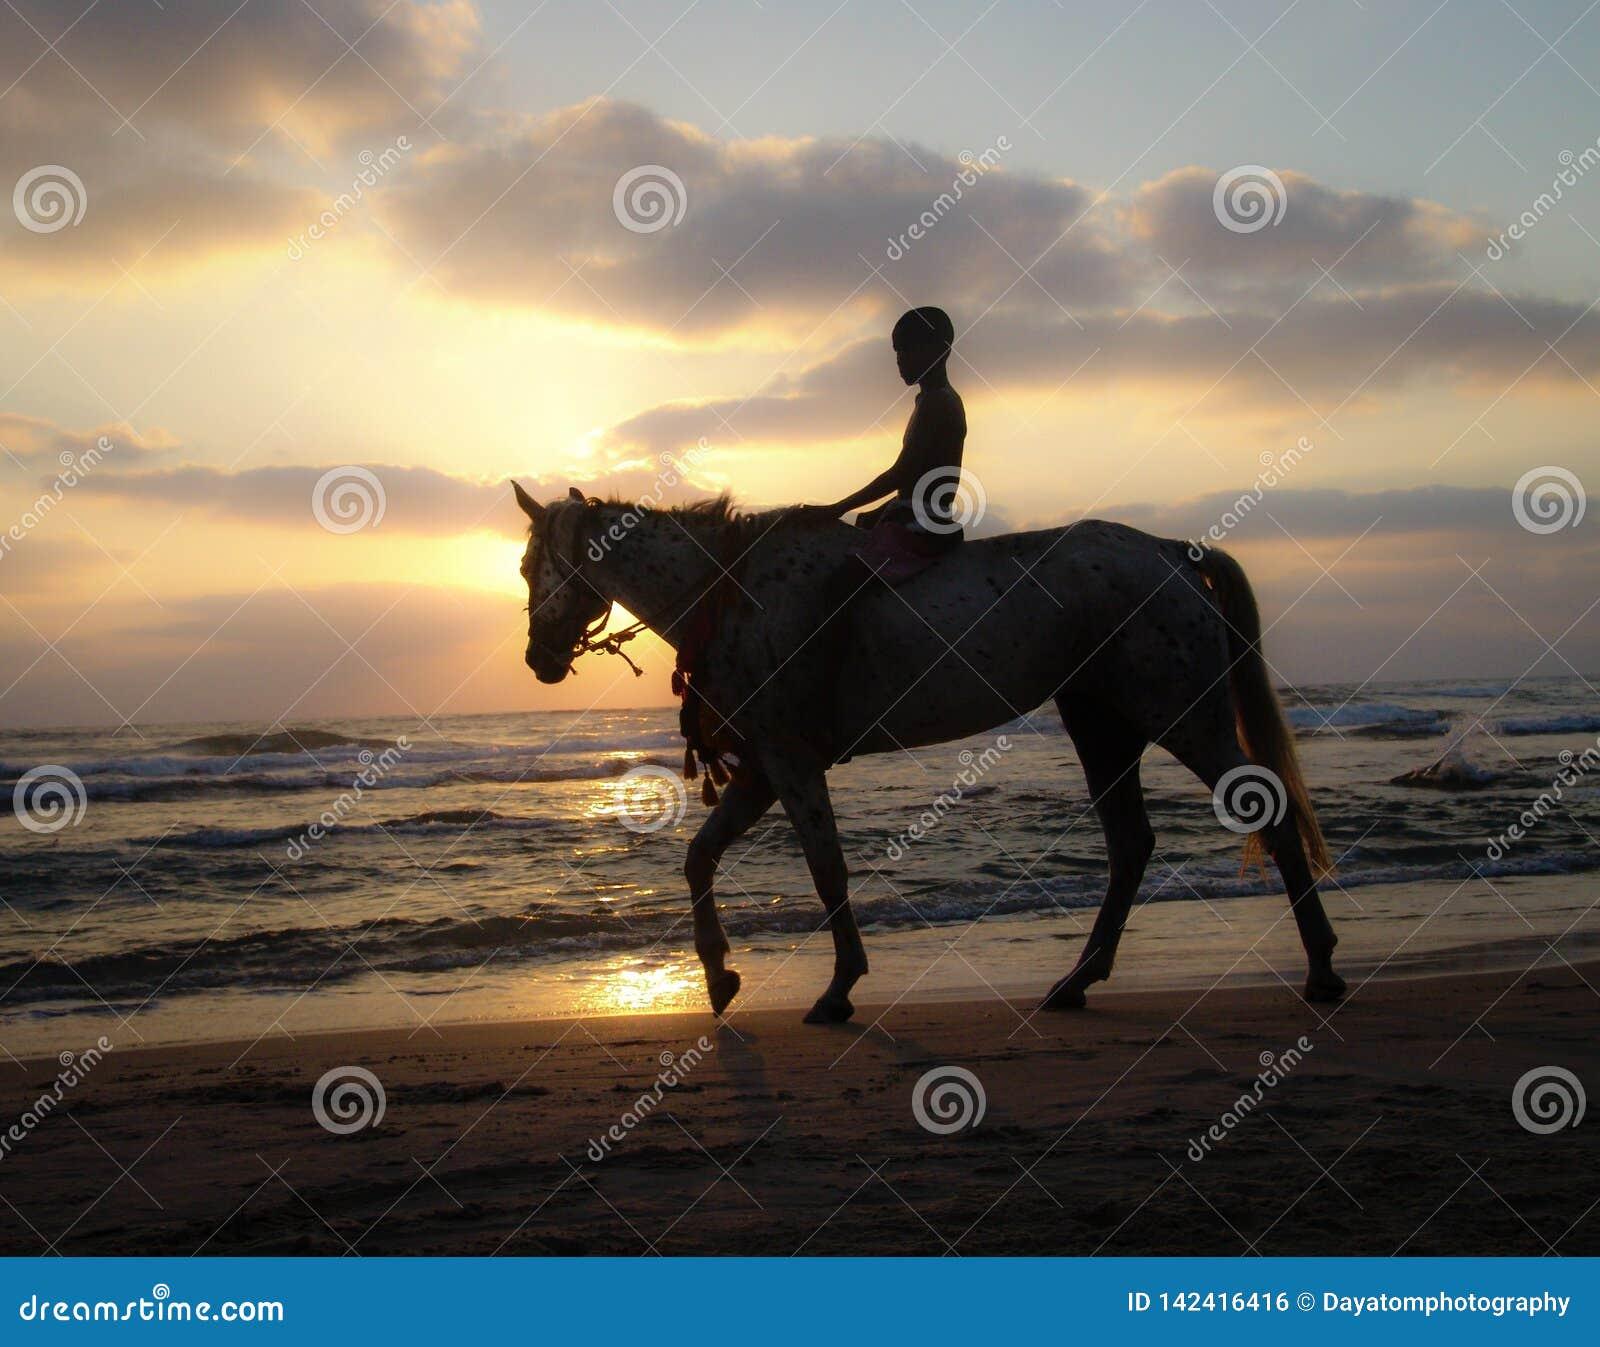 Silhouet van een jonge jongen die een paard berijden bij zonsondergang op een zandig strand onder een bewolkte warme hemel